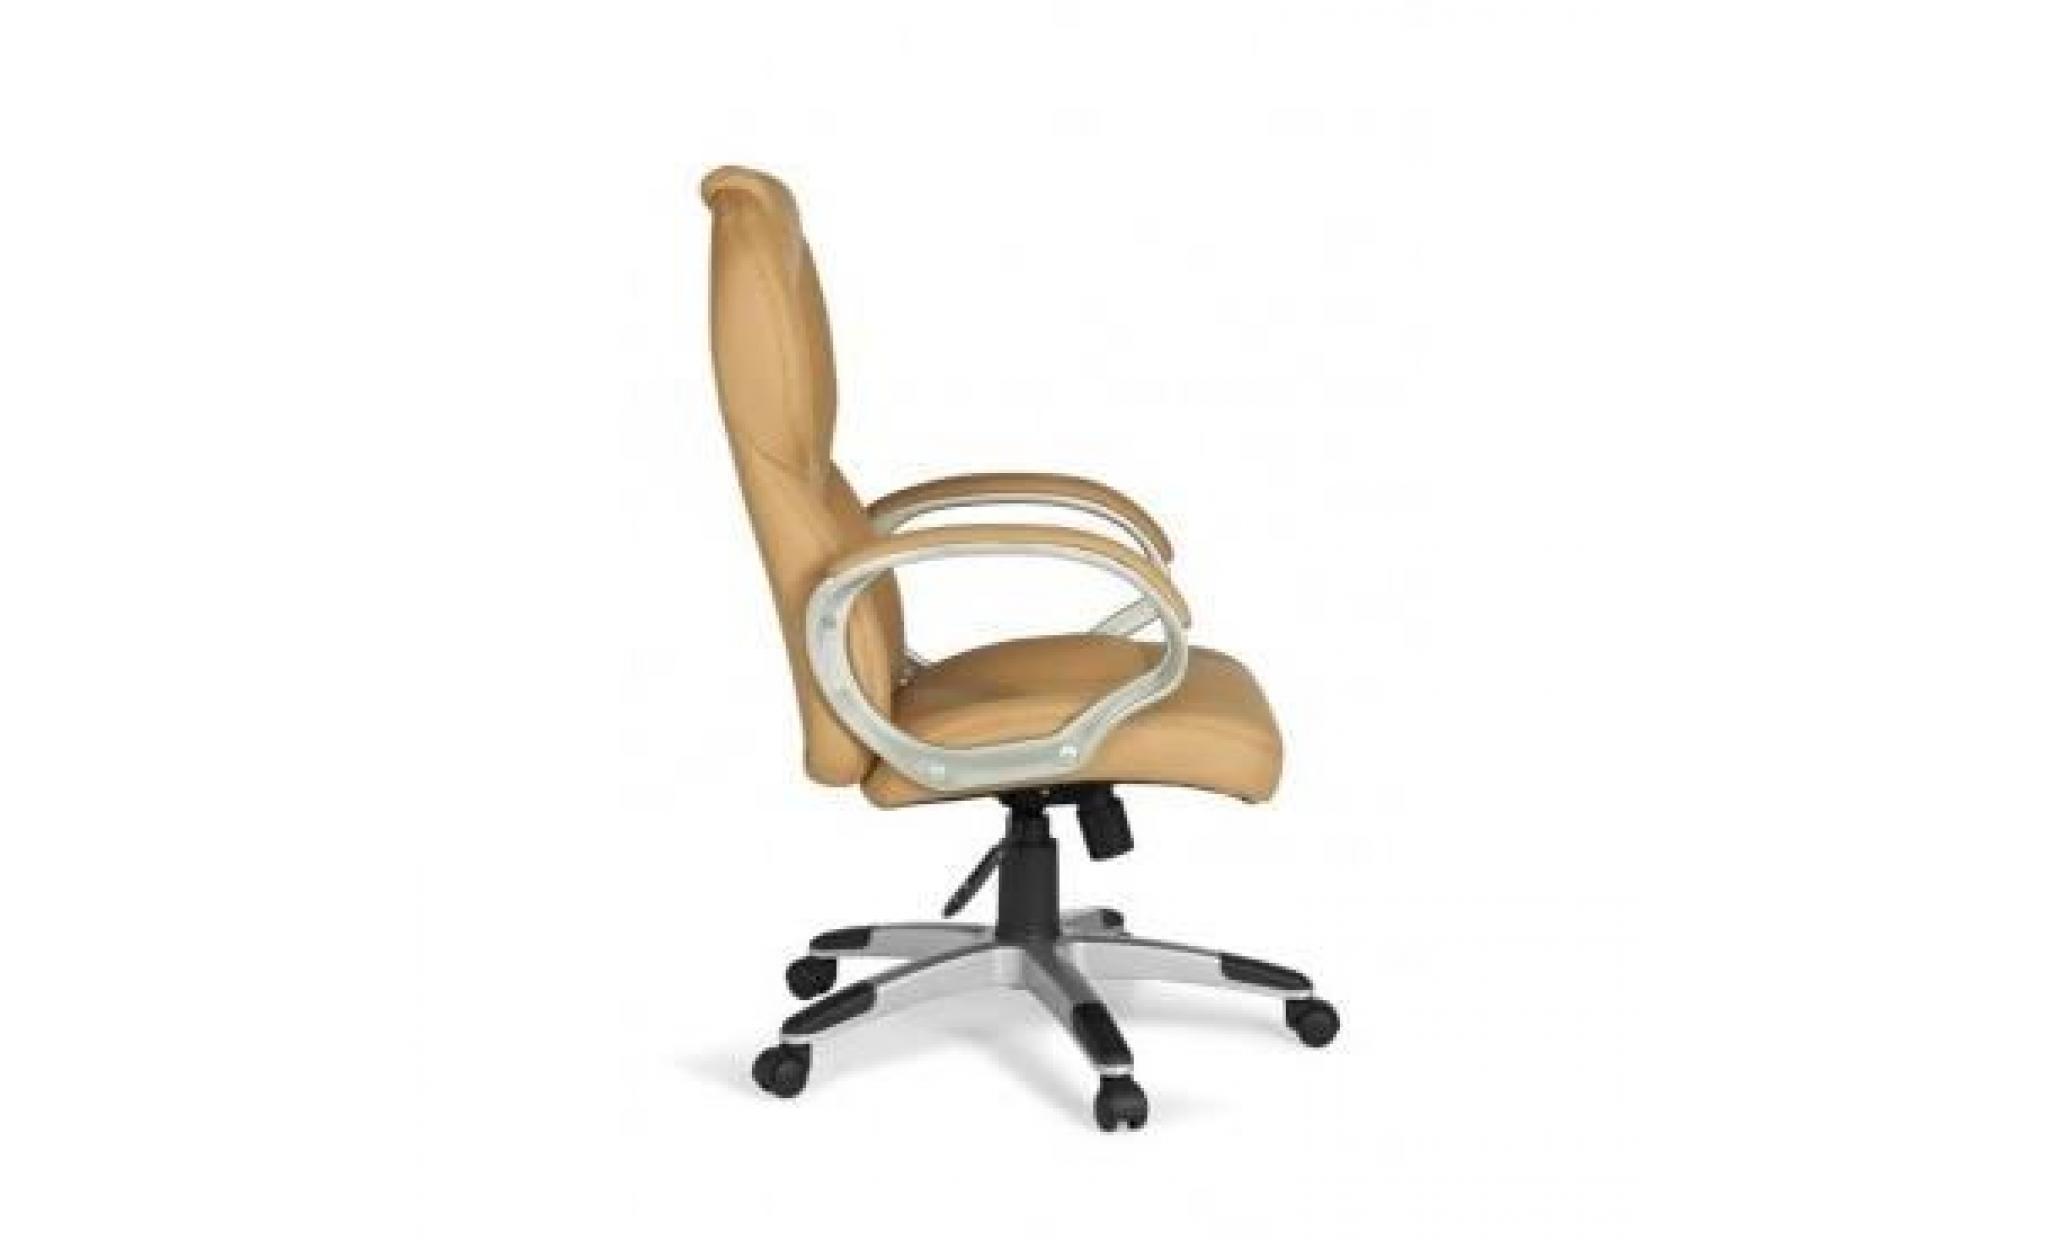 petit fauteuil design de salon de bureau design achat vente fauteuil de bureau pas cher couleur et design fr